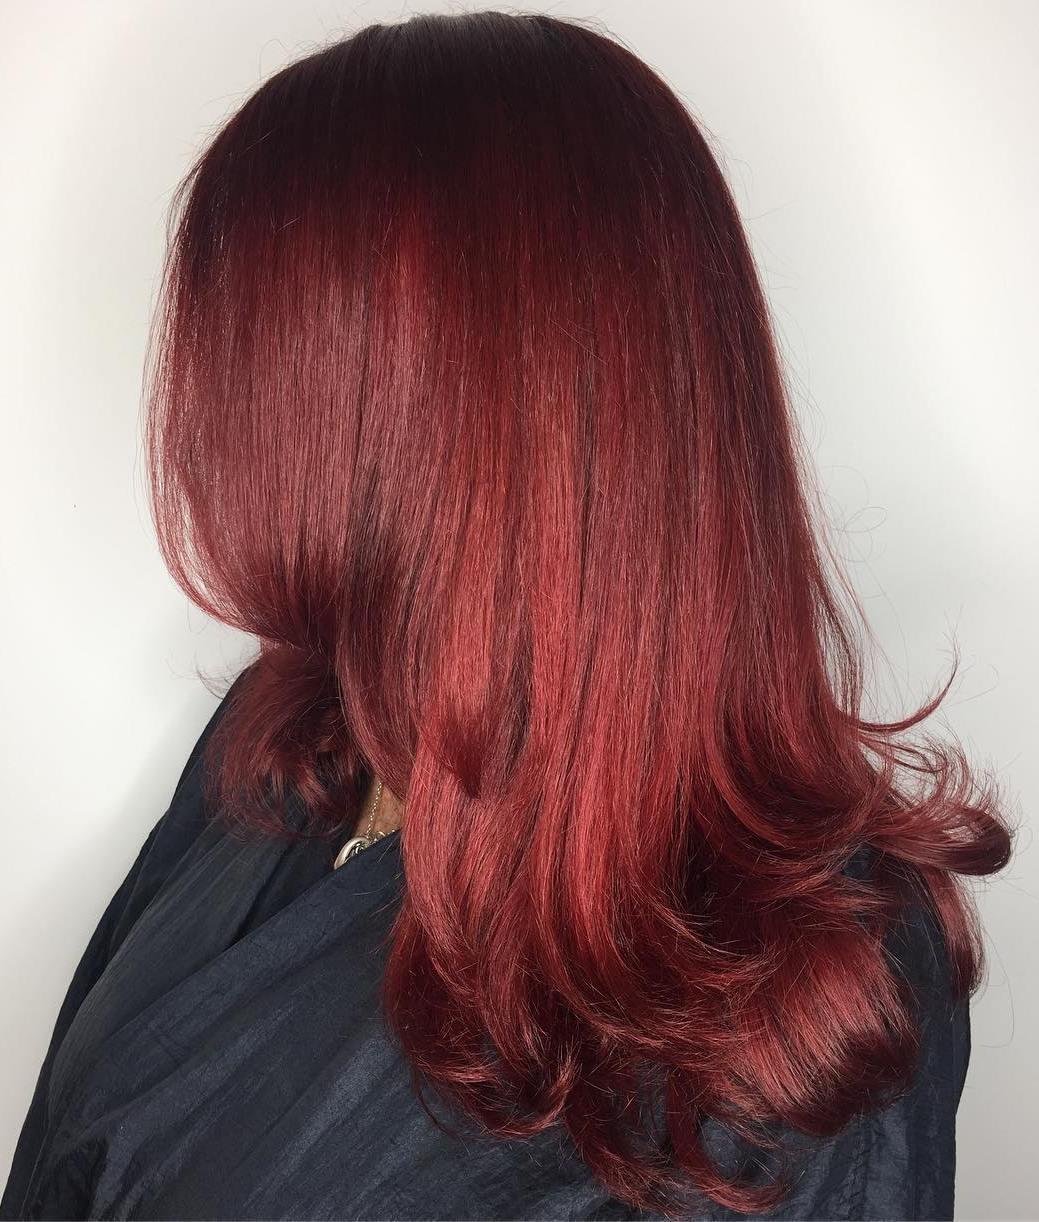 Long Scarlet Red Hair